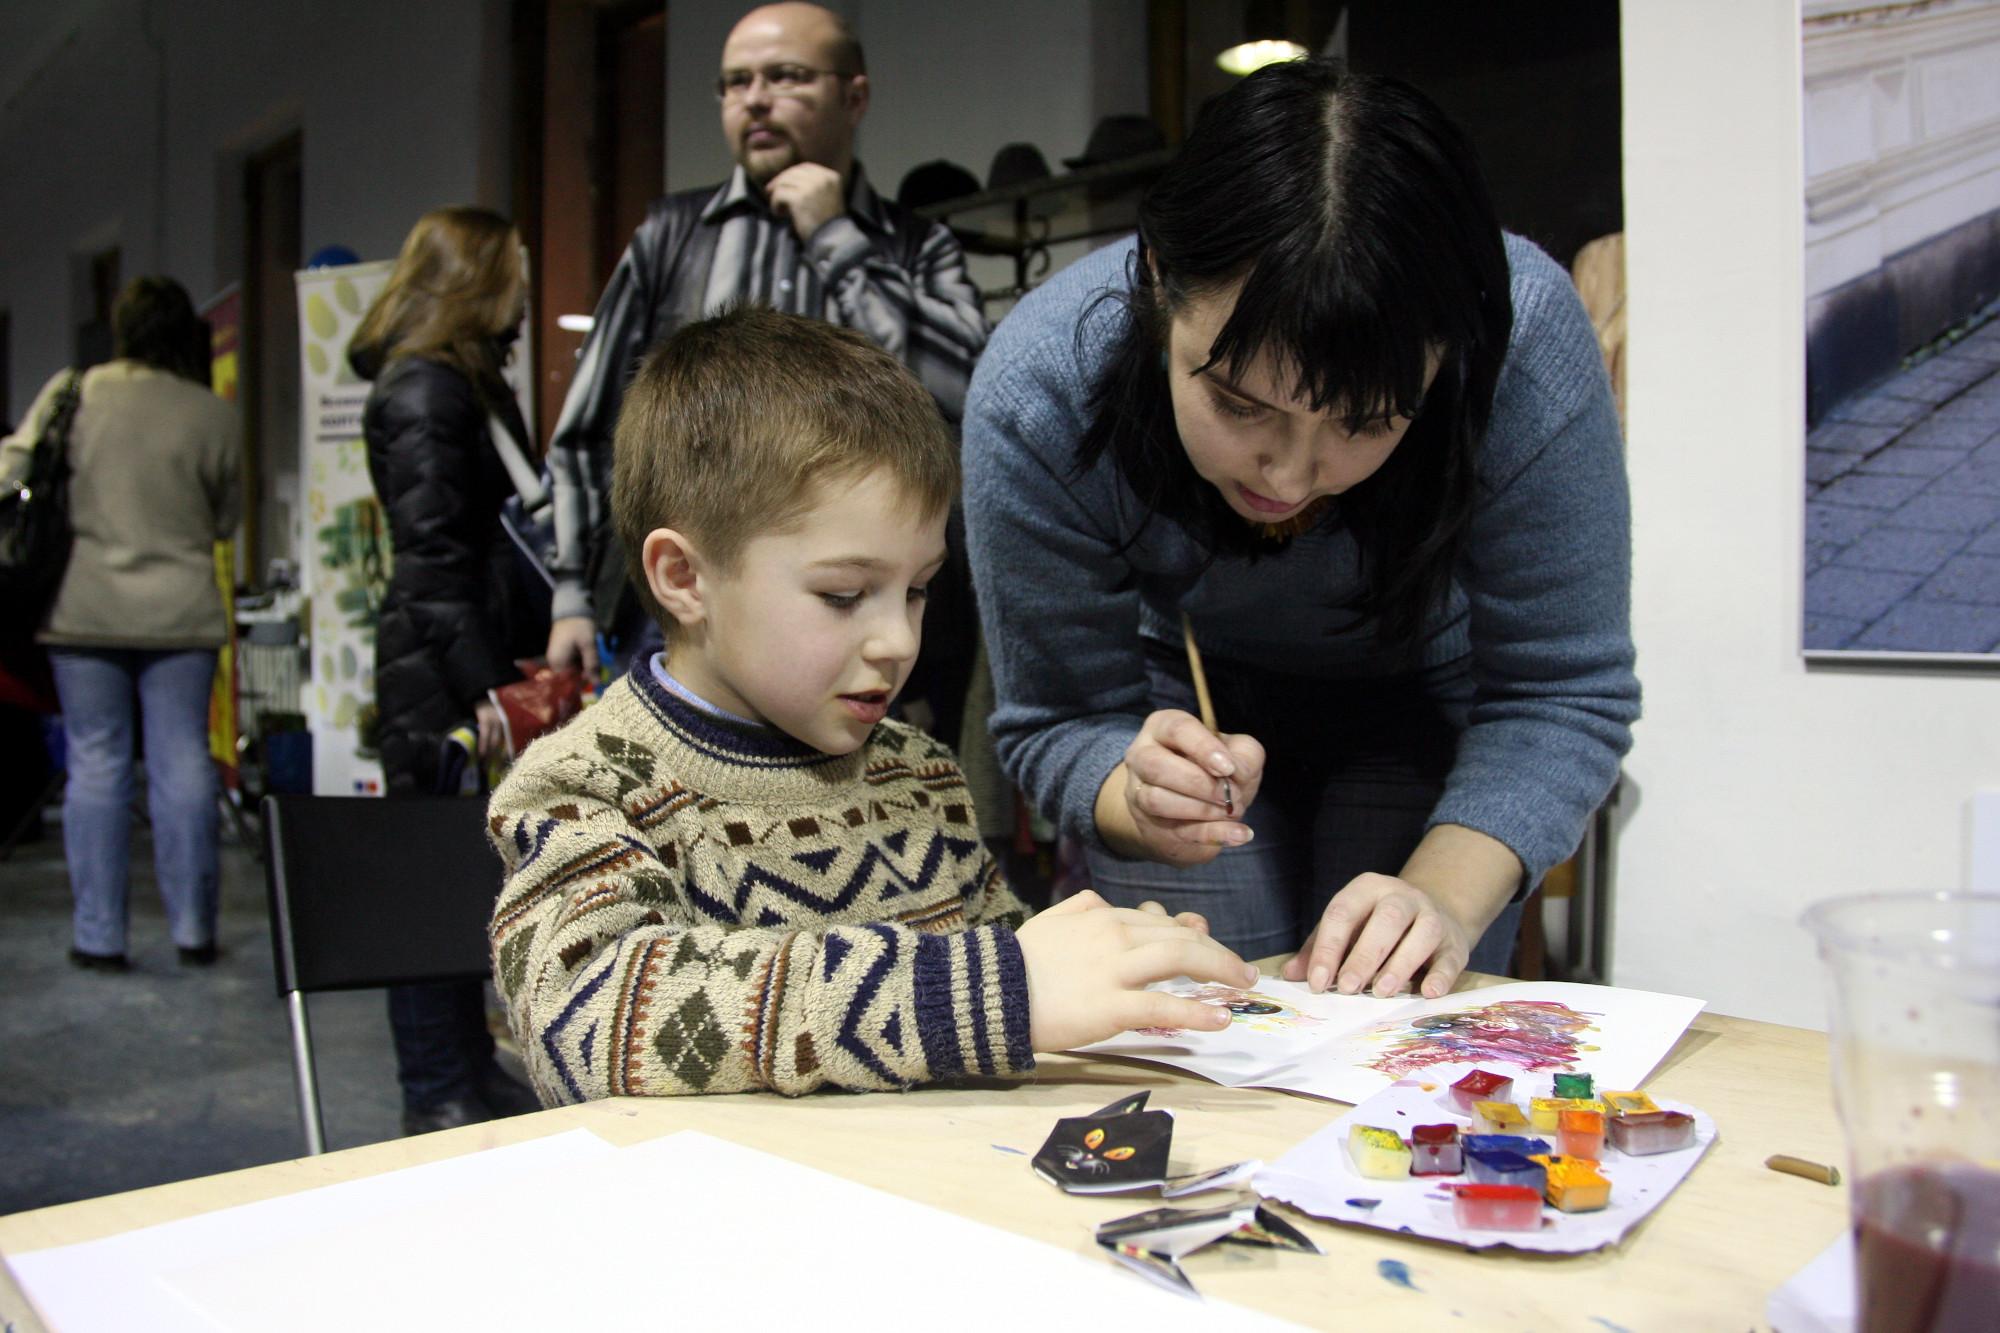 дети ремёсла творчество игрушки